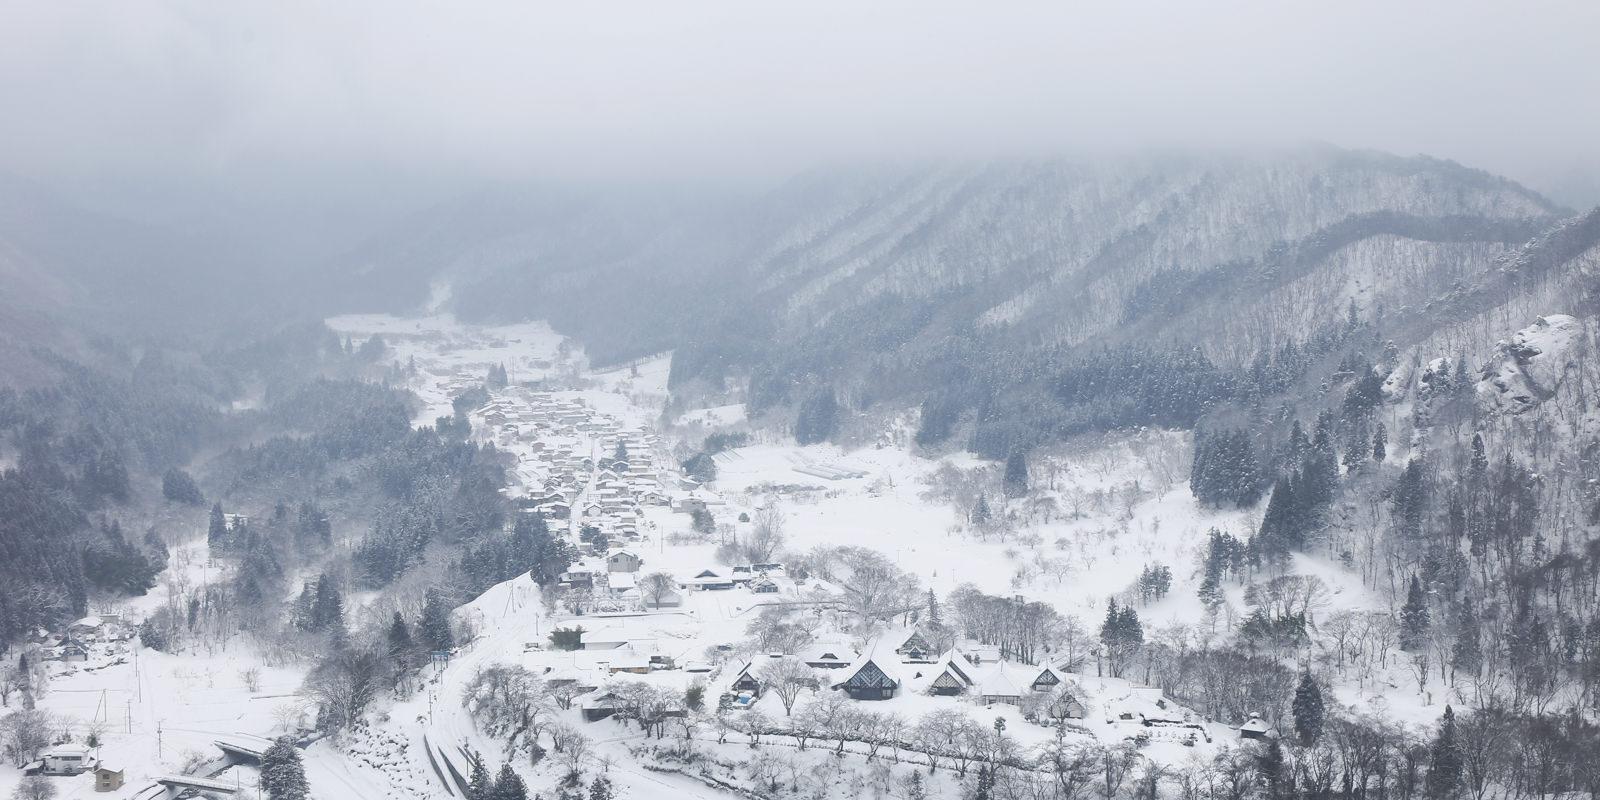 2018 春節東北賞雪☃圓夢の旅:如水墨畫般的雪之山寺